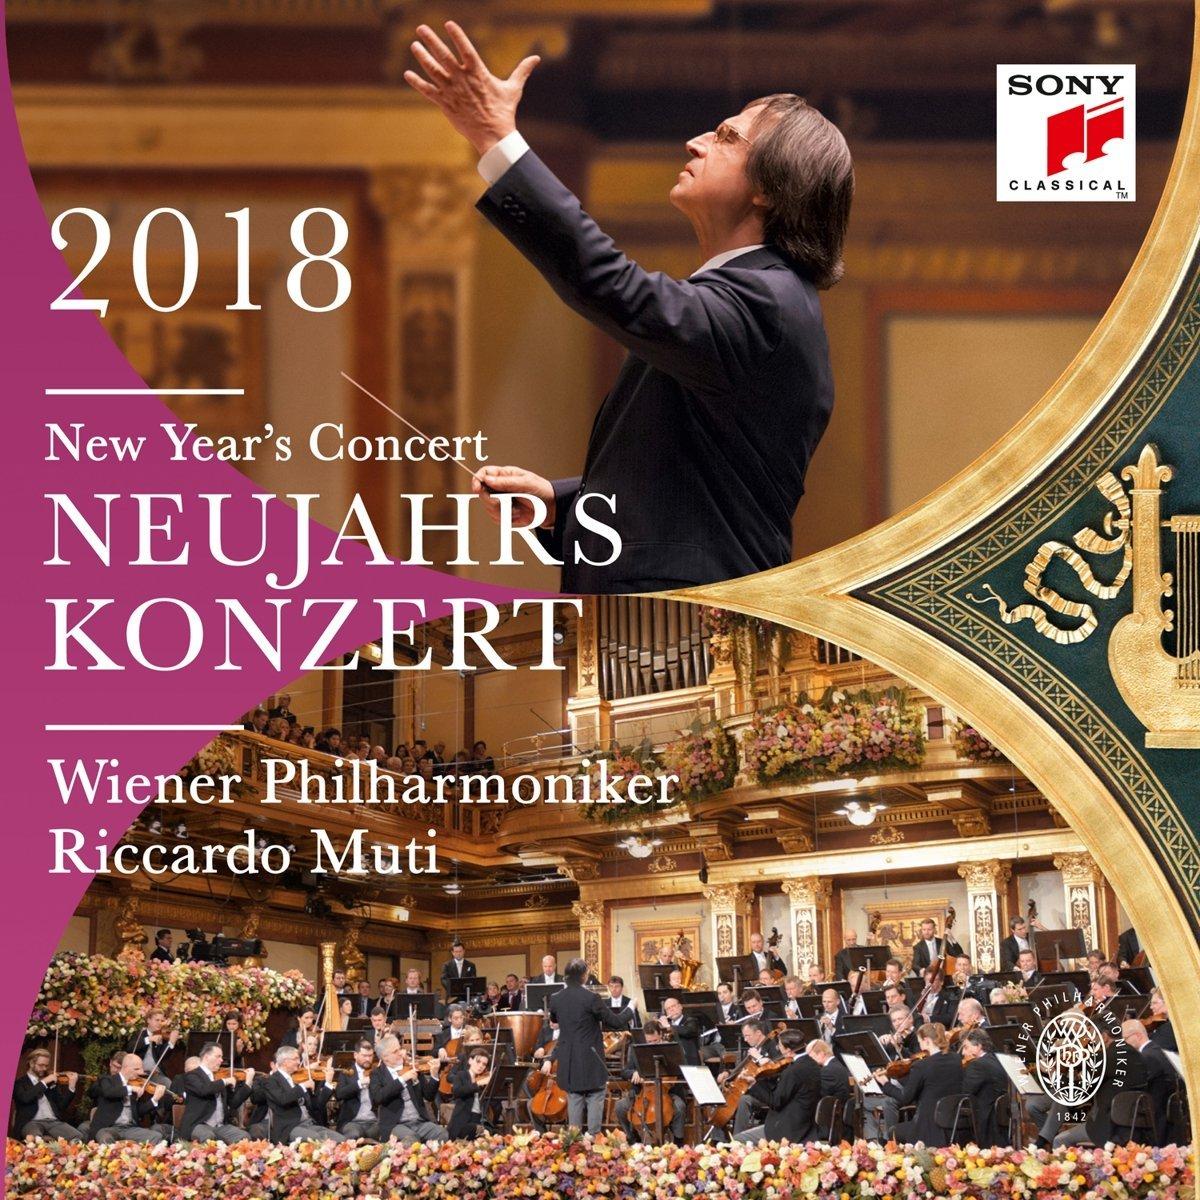 2018维也纳新年音乐会CD封面